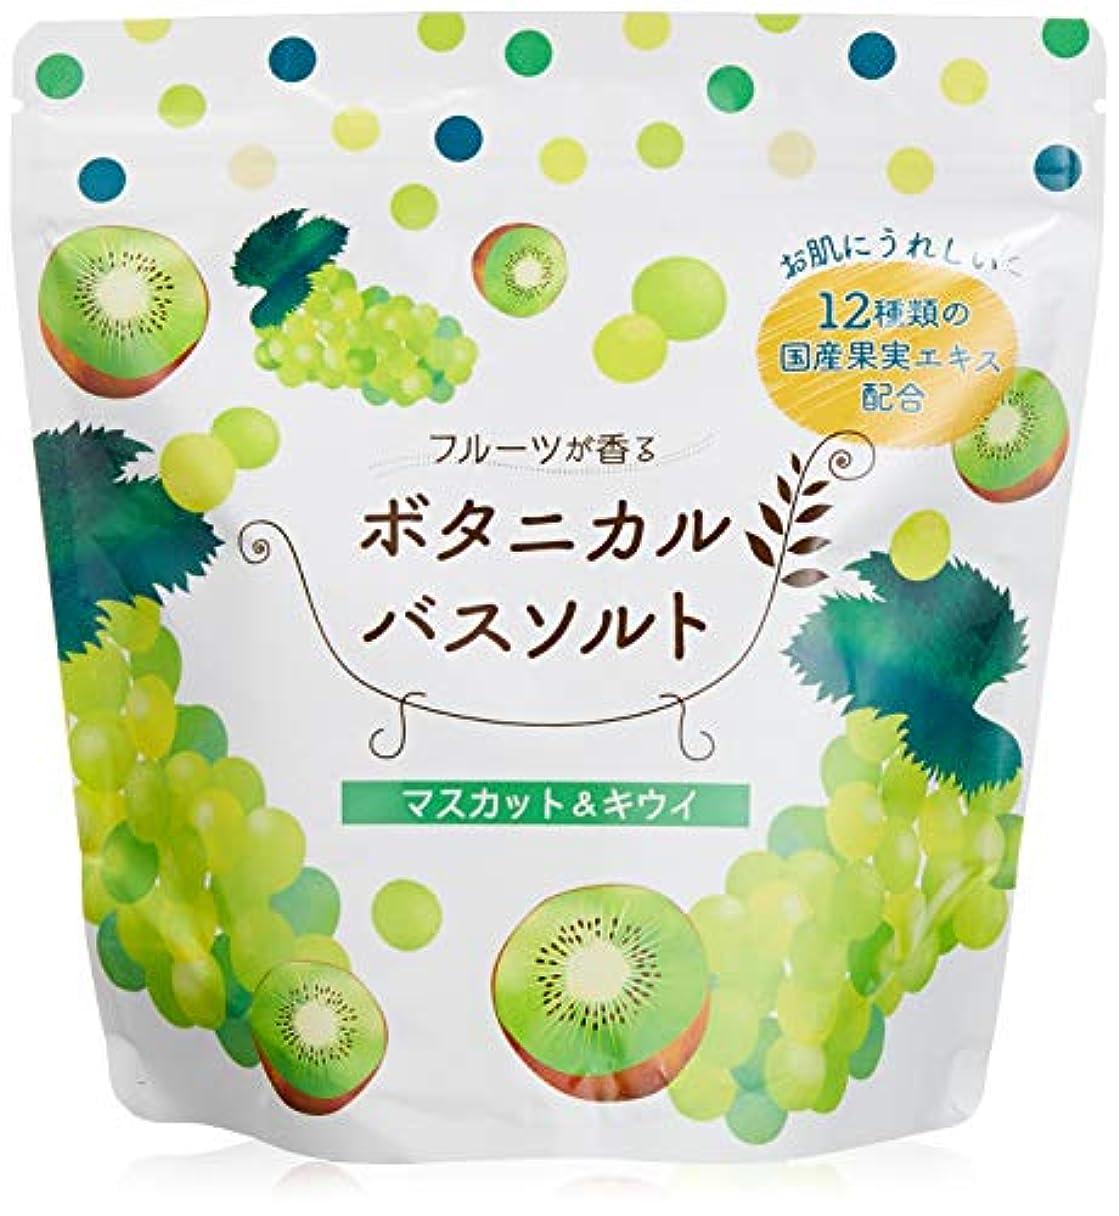 くるくる満州中で松田医薬品 フルーツが香るボタニカルバスソルト 入浴剤 マスカット キウイ 450g